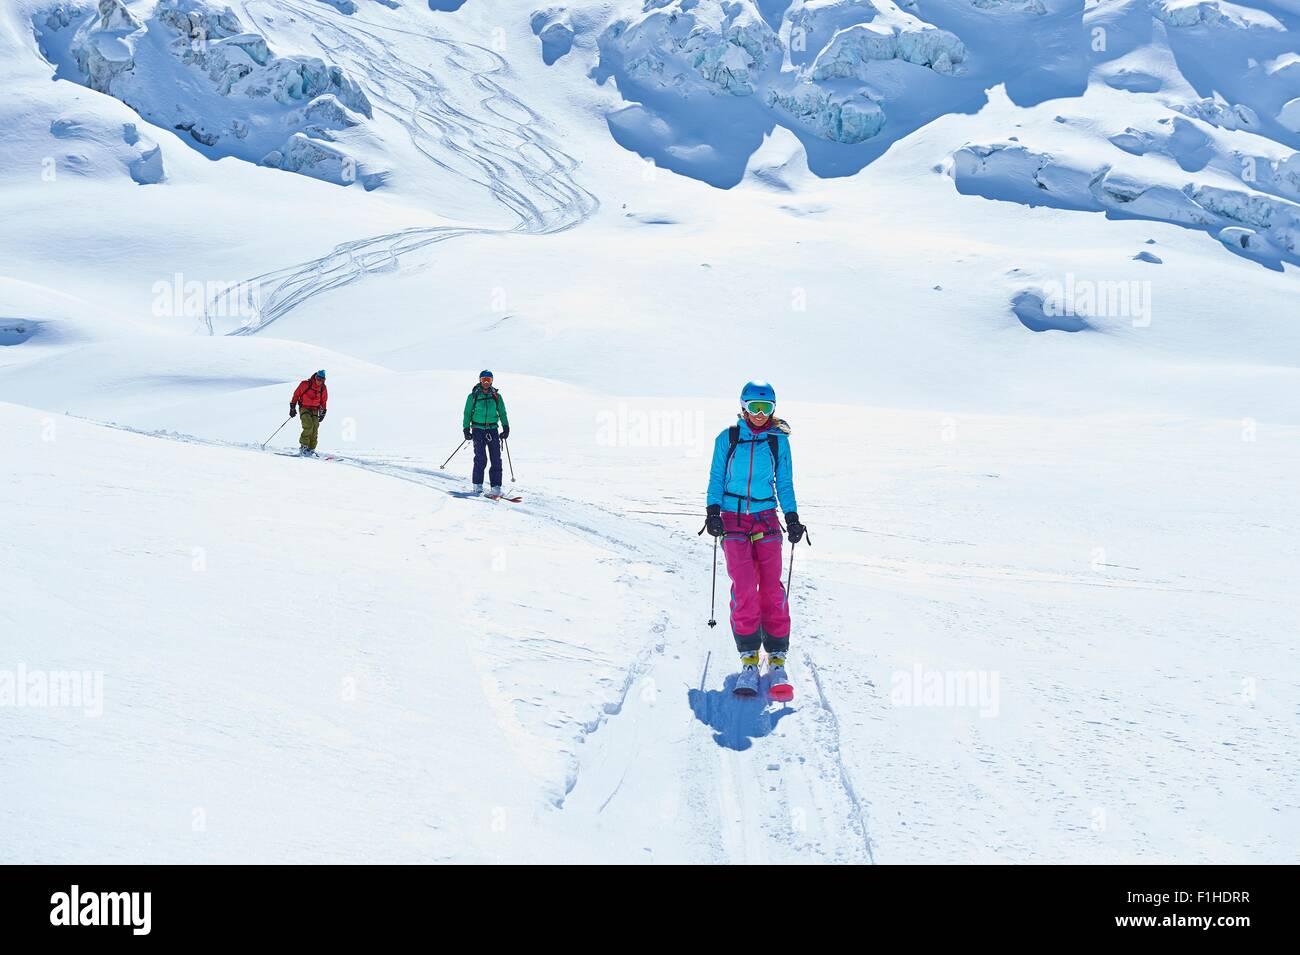 Fila de tres adultos esquiadores esquiar abajo Graian macizo del Mont Blanc, Alpes, Francia Imagen De Stock